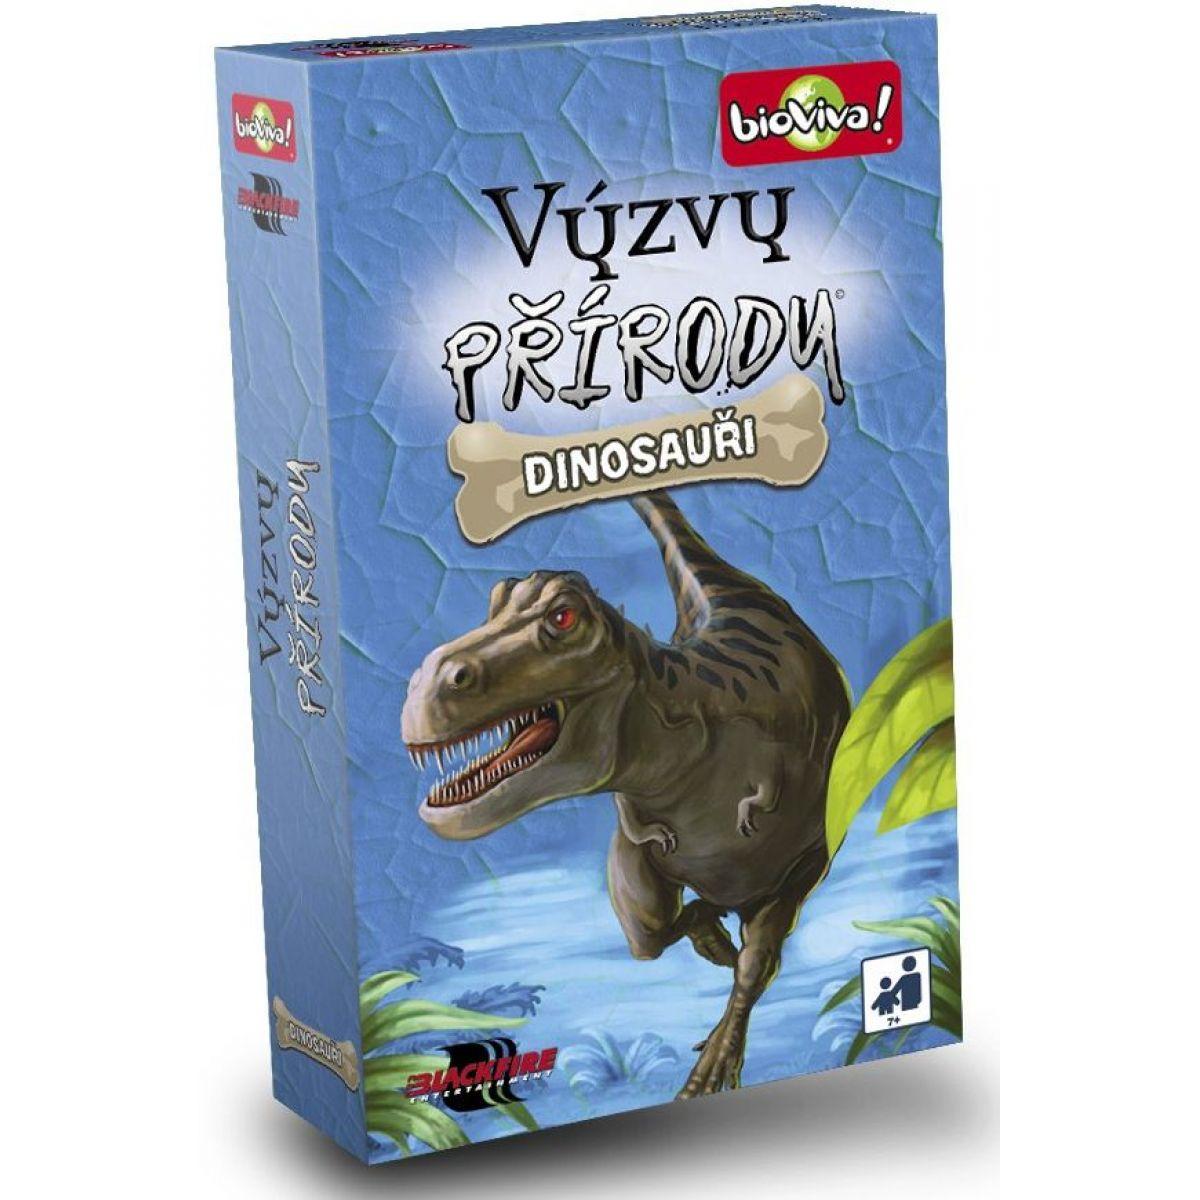 Bioviva! Výzvy přírody: Dinosauři